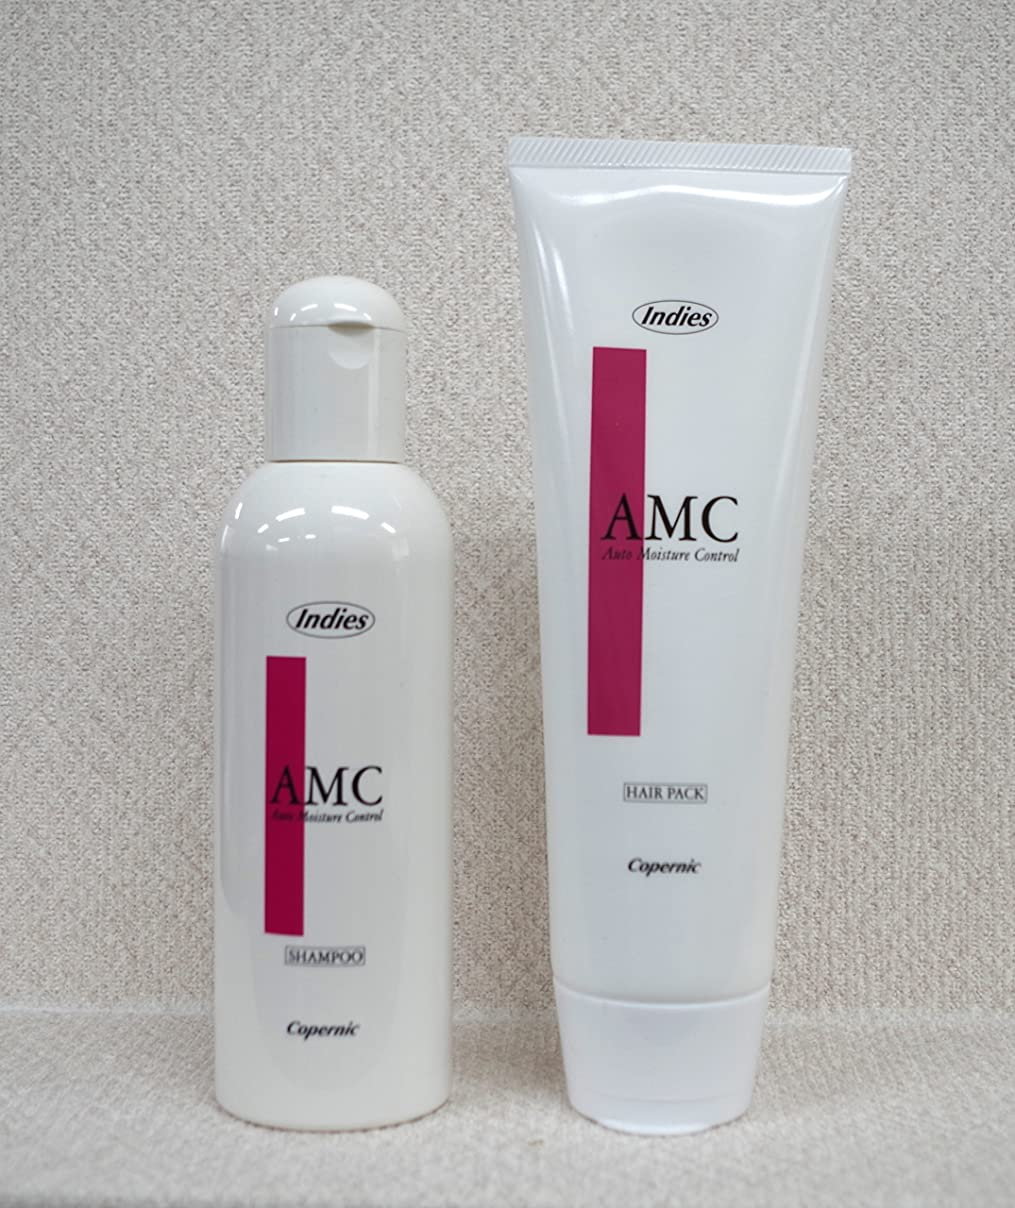 腹痛スパイラルに対処する美容師さん考案【インディーズ?AMCシャンプー&ヘアパックセット】